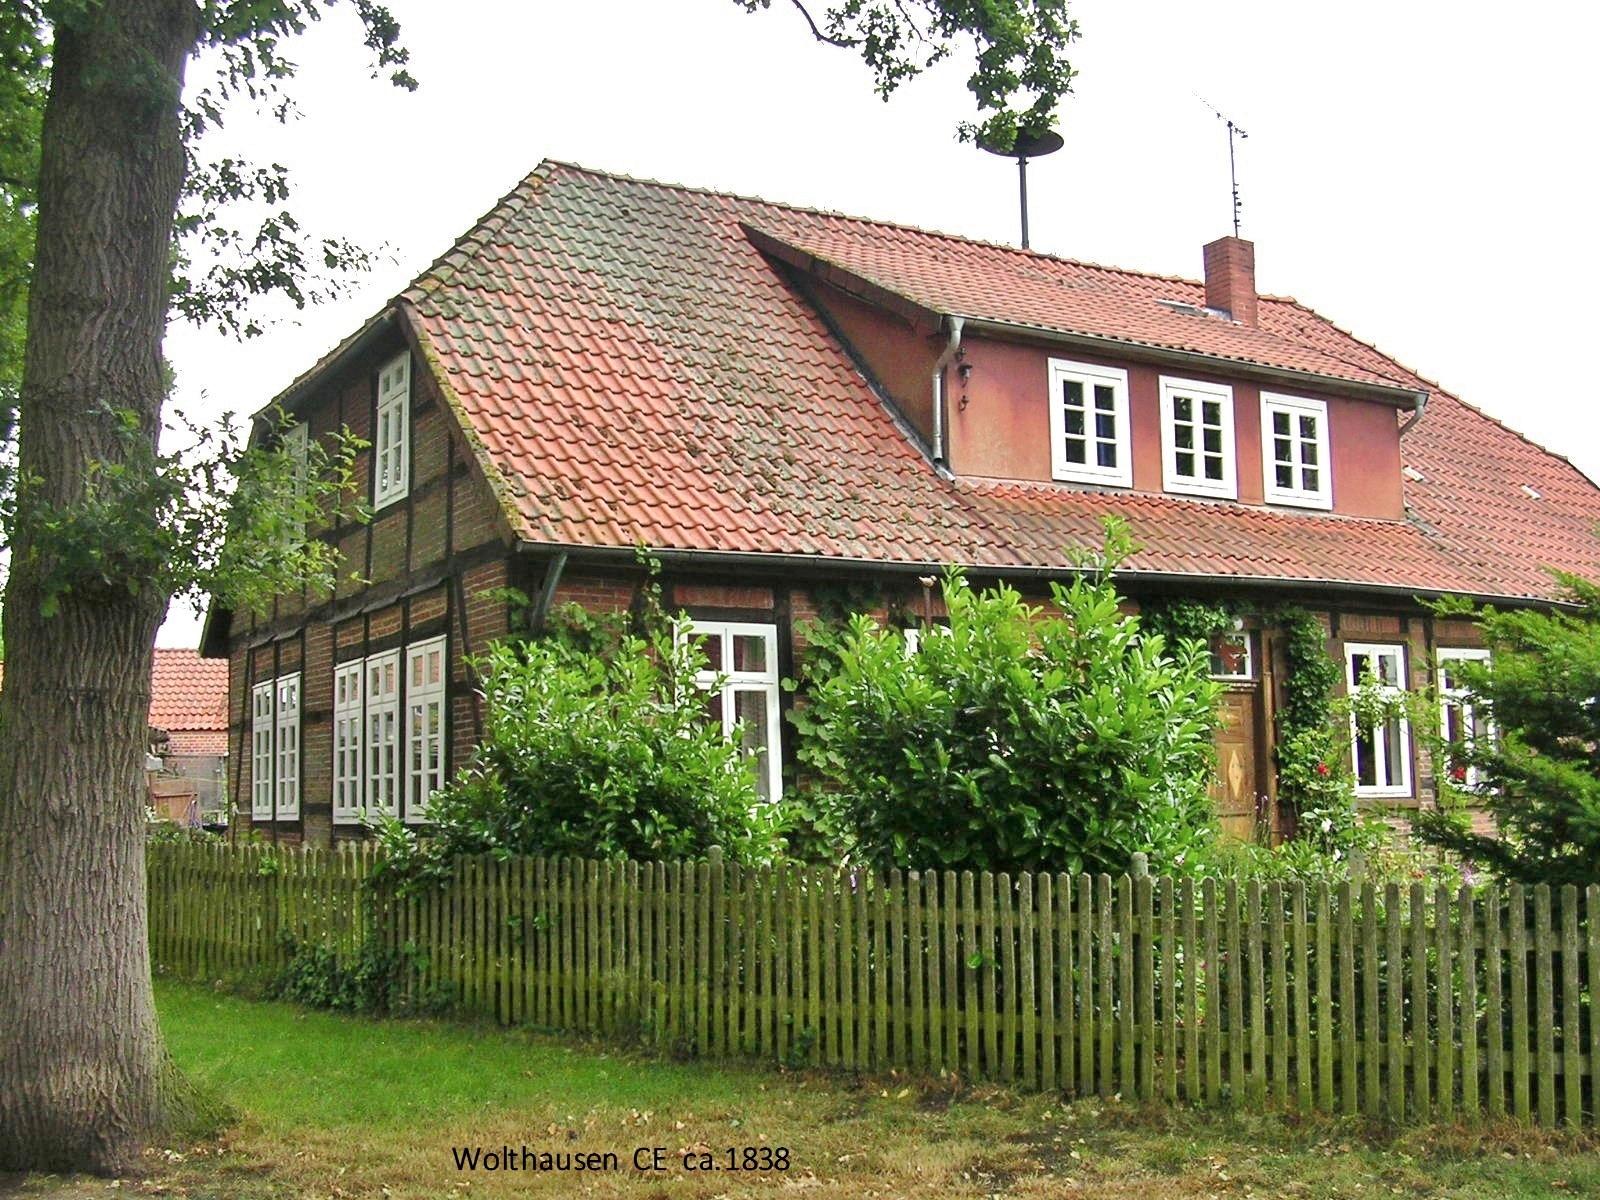 h-wolthausen-ce-1838-